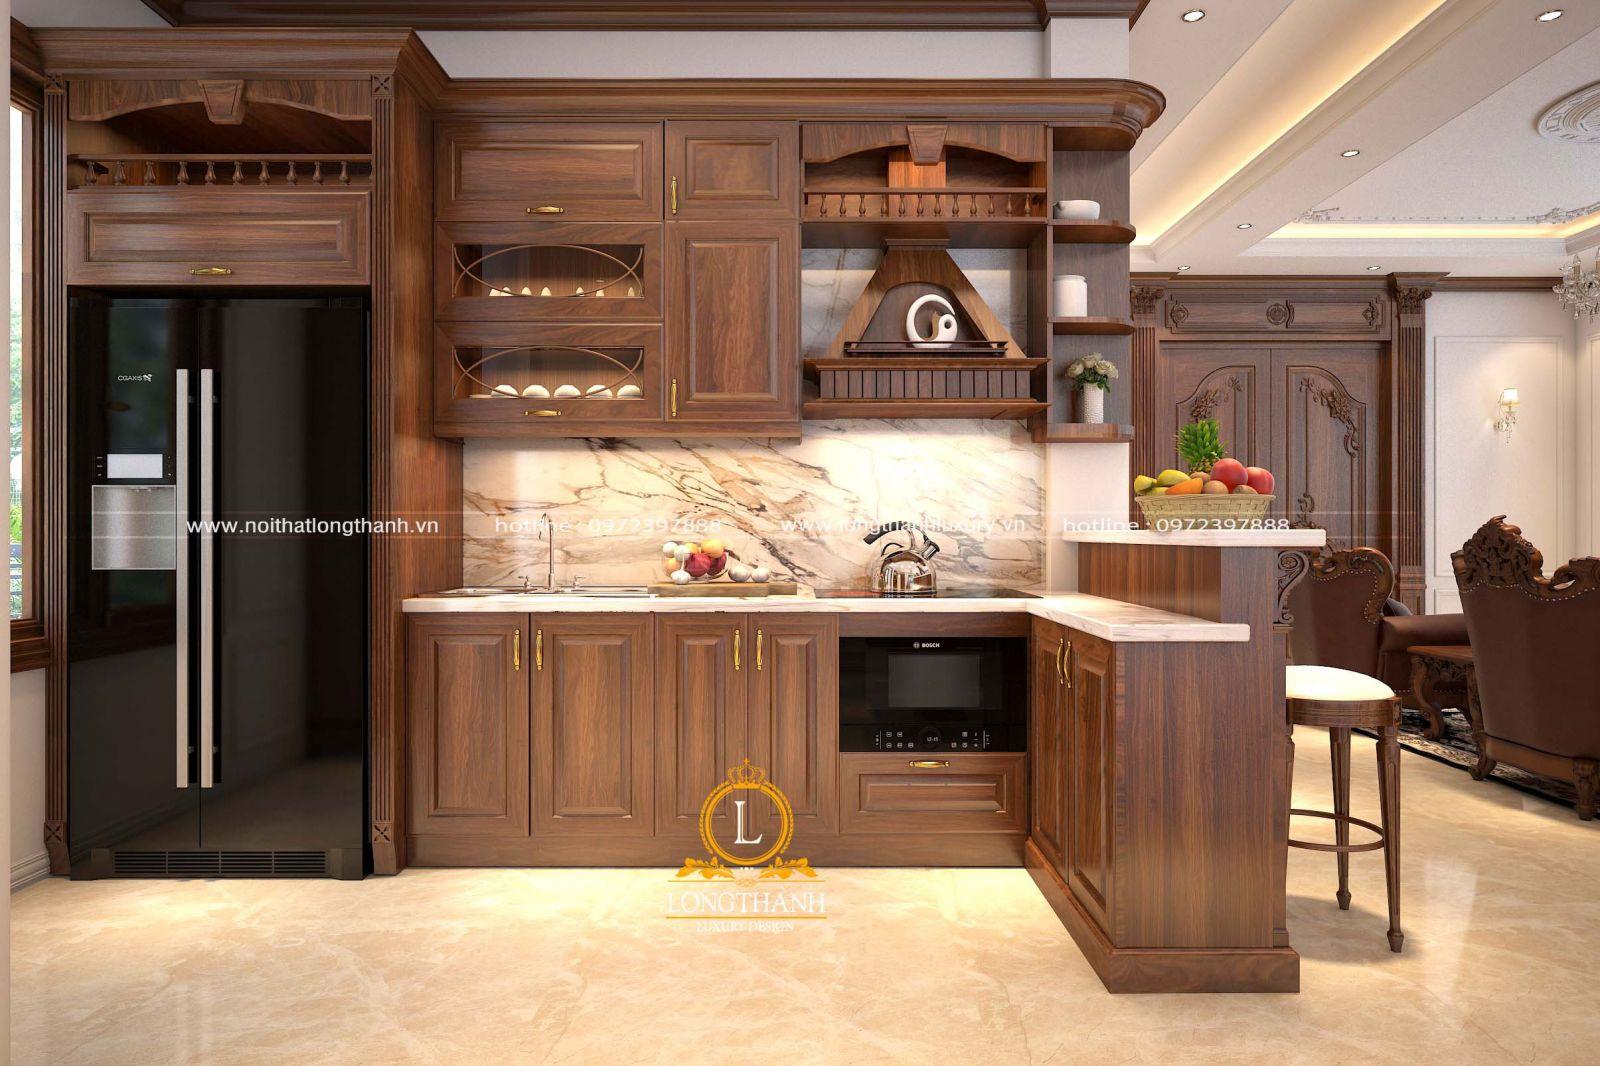 Mẫu tủ bếp tân cổ điển hình chữ I  từ chất lượng gỗ Gõ tự nhiên được sử dụng